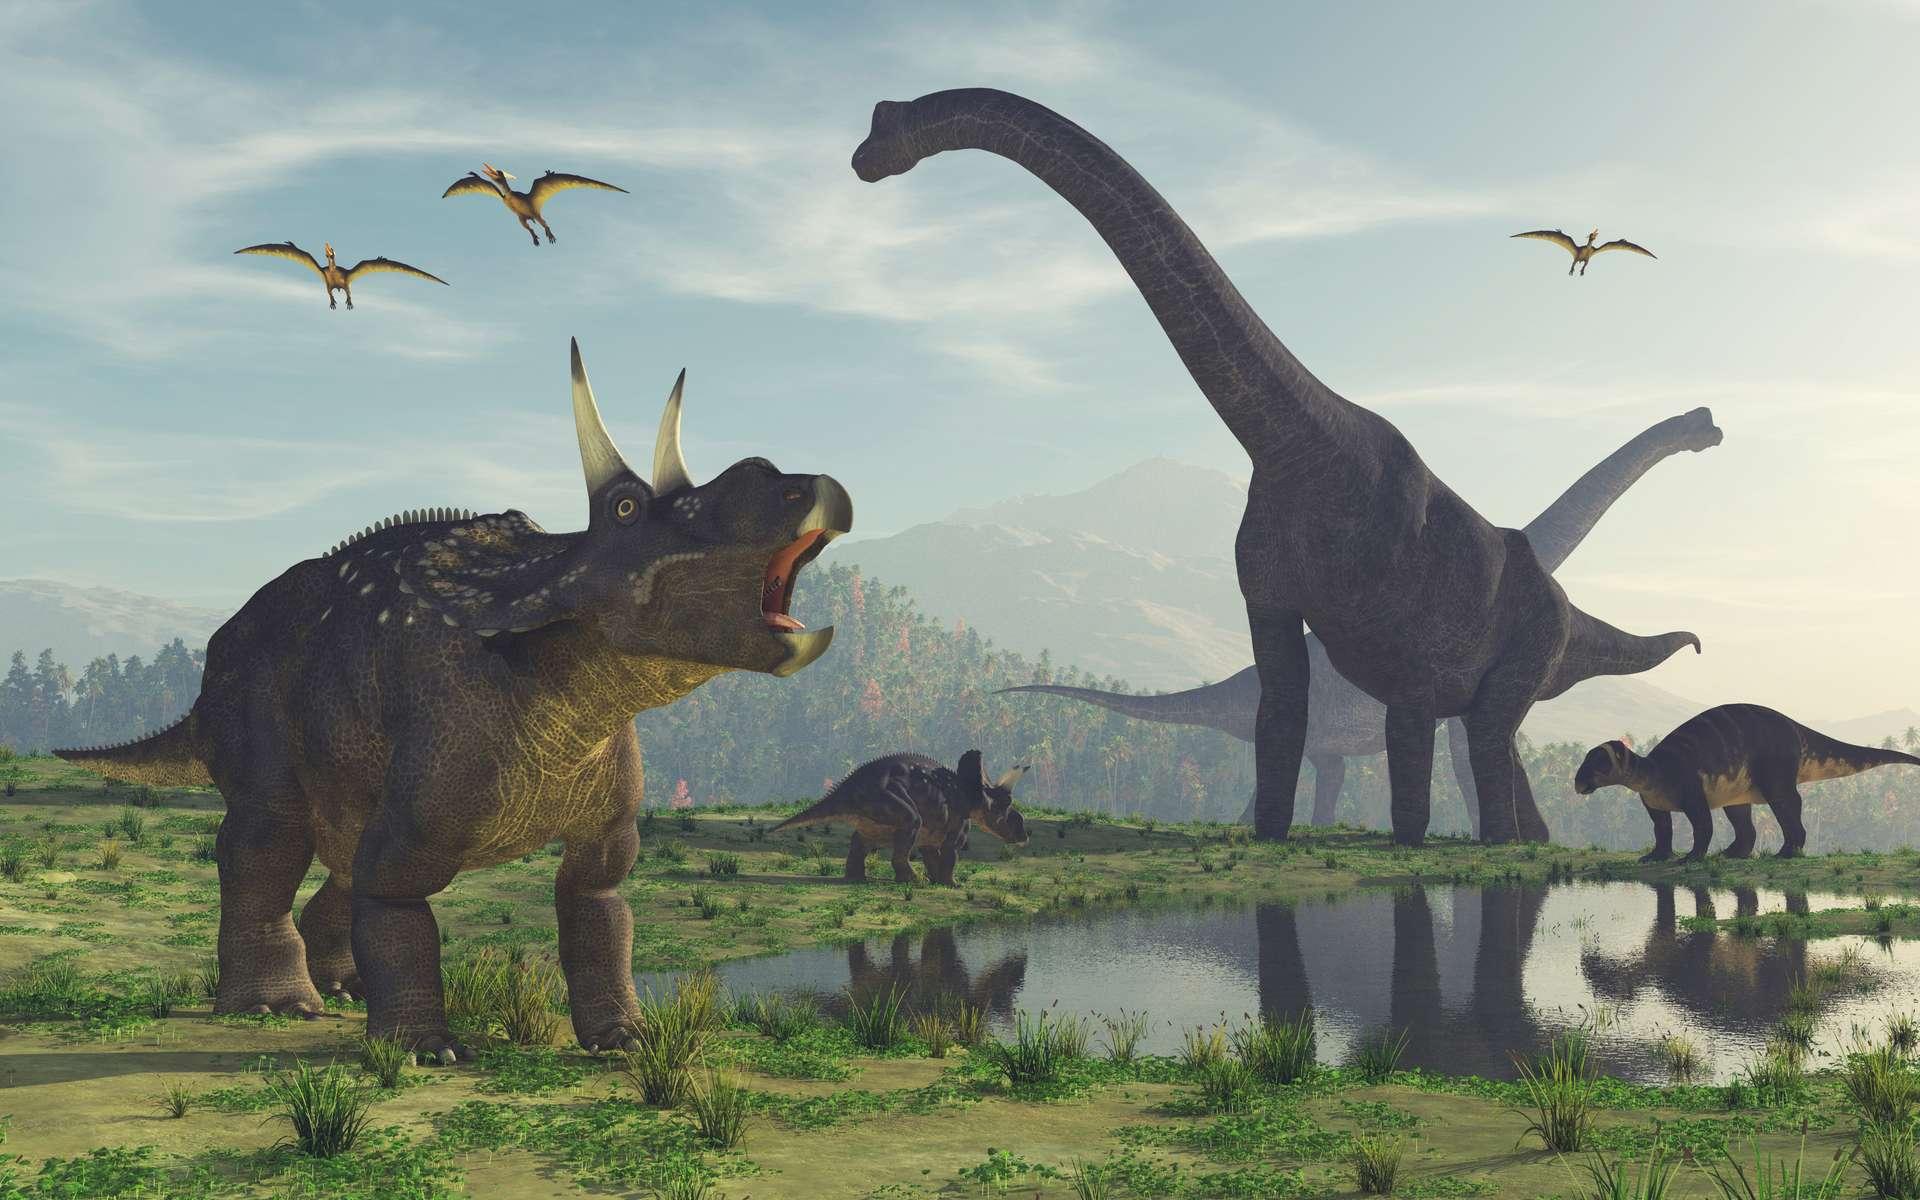 Certains des dinosaures représentés dans Jurassic Park obéissaient davantage à l'expression artistique qu'aux découvertes scientifiques. © Orlando Florin Rosu, Adobe Stock